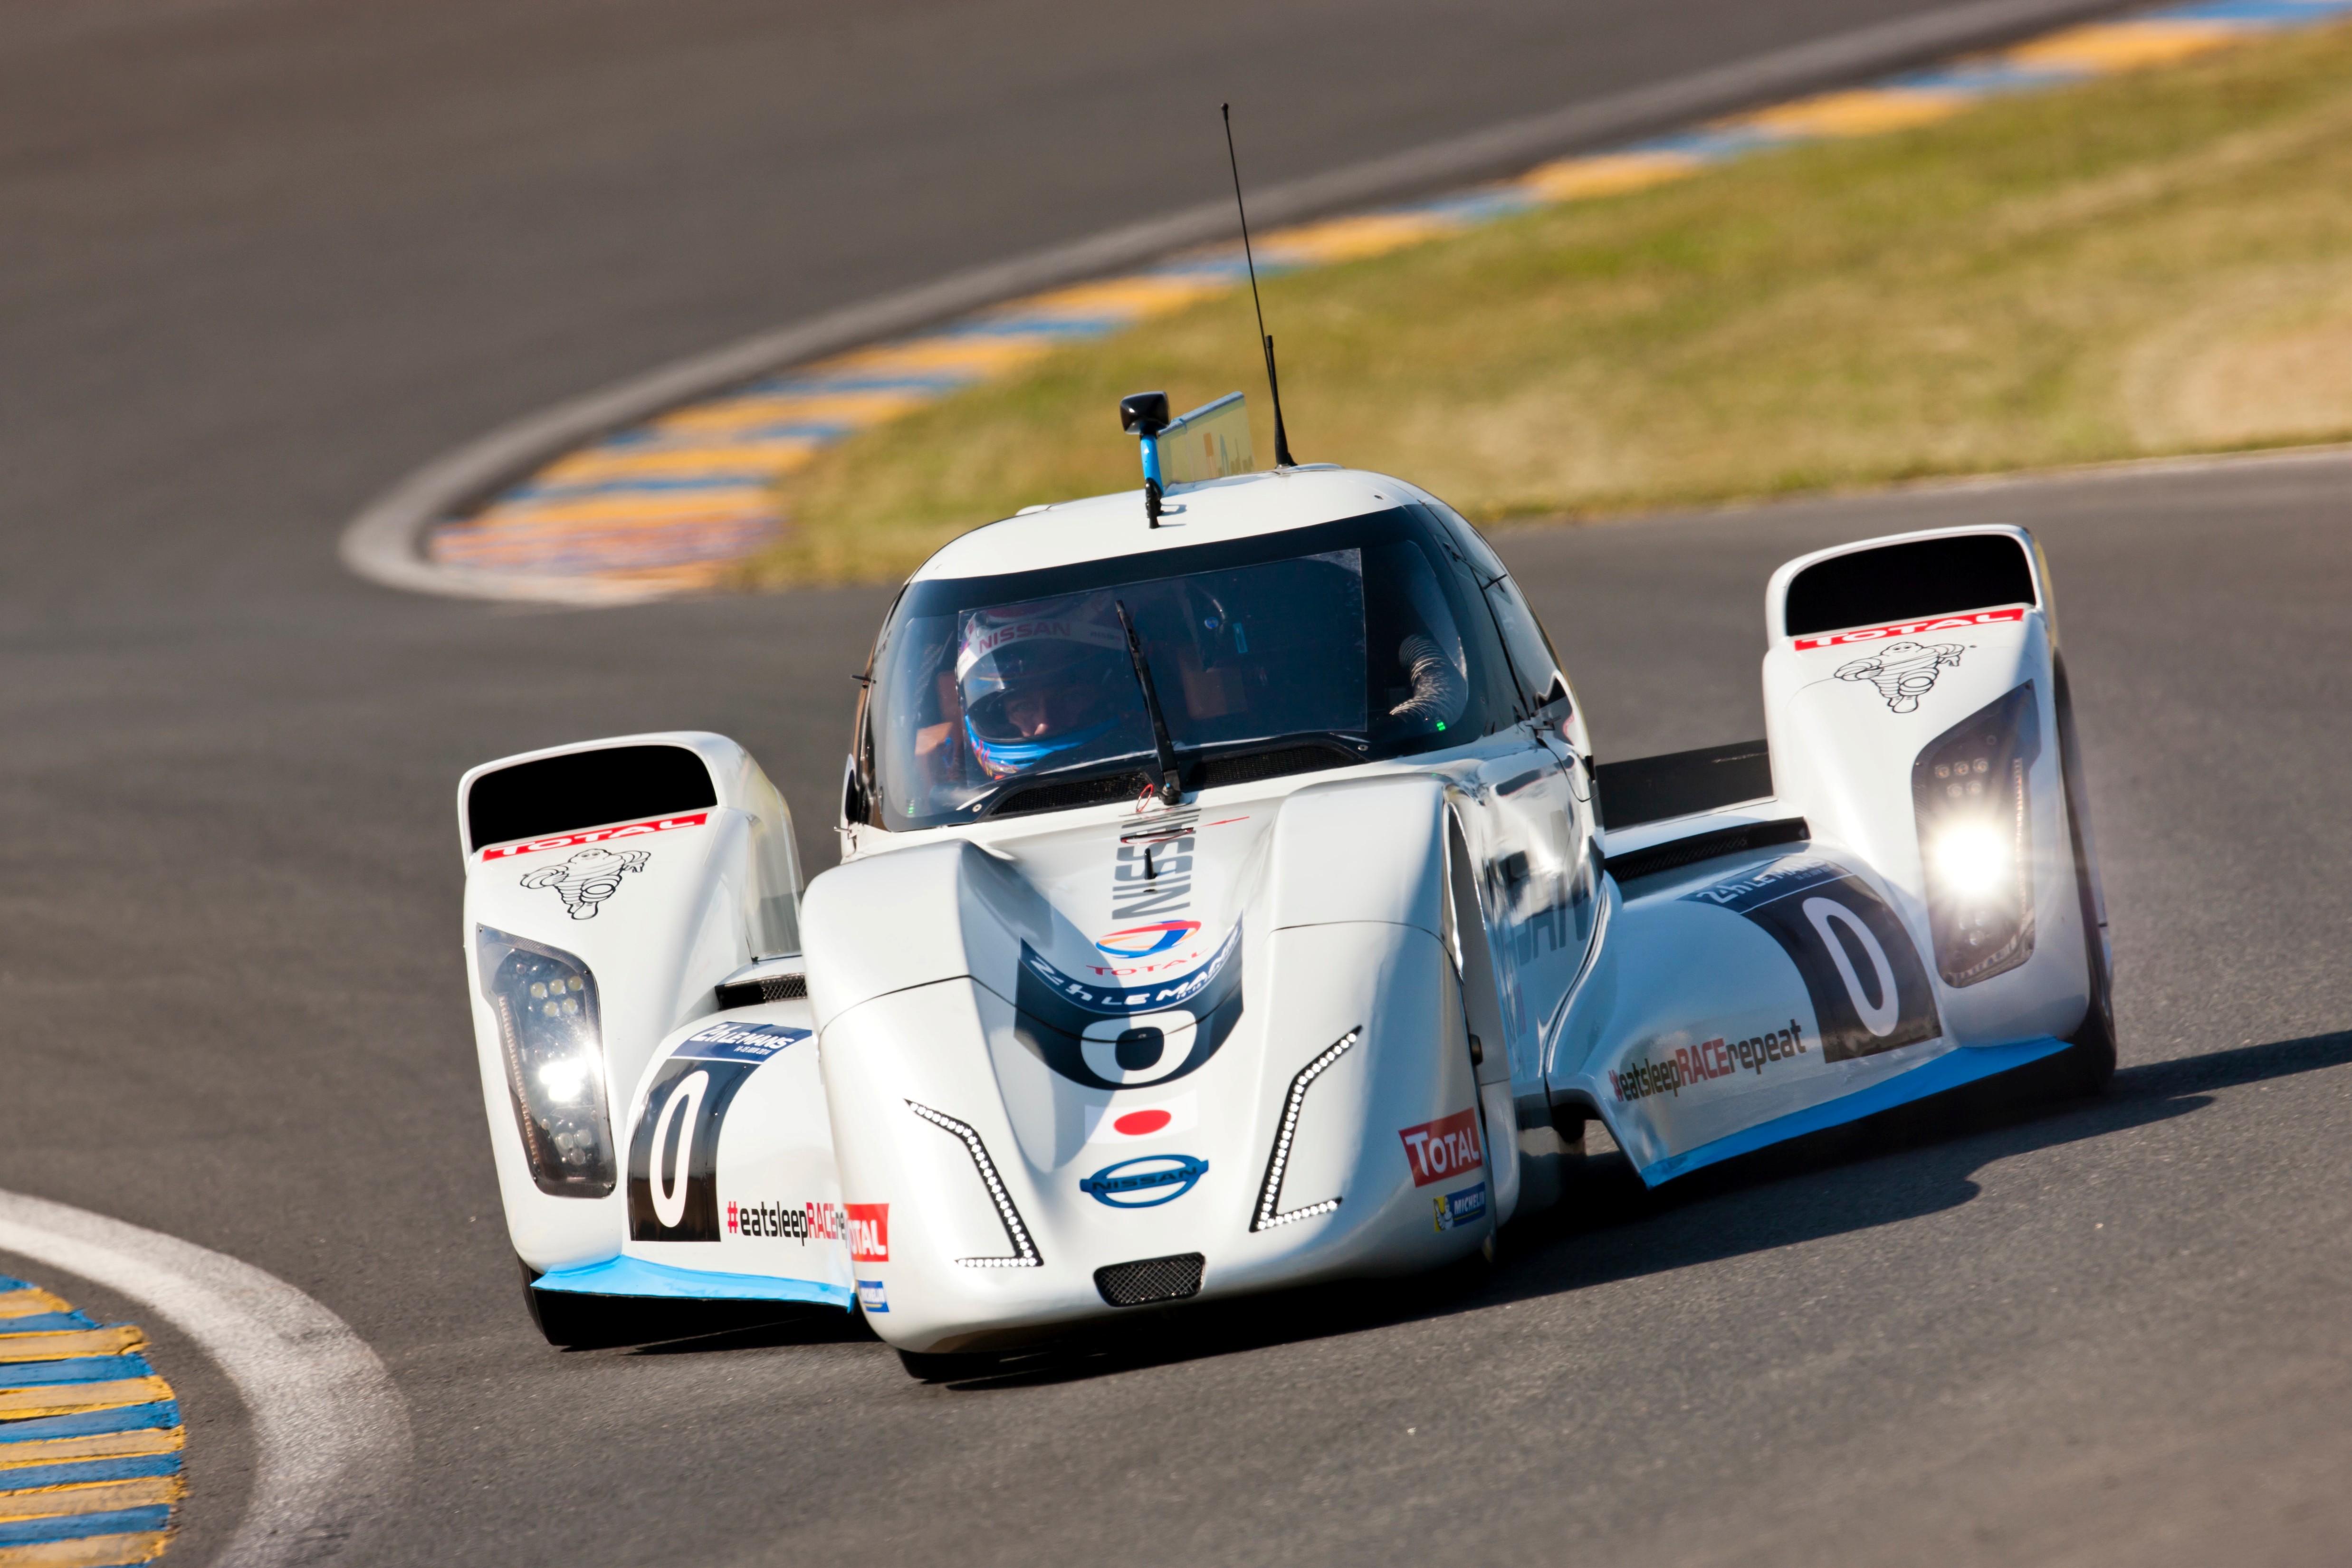 1000 Horsepower Technology Packed Hybrid Race Cars Take